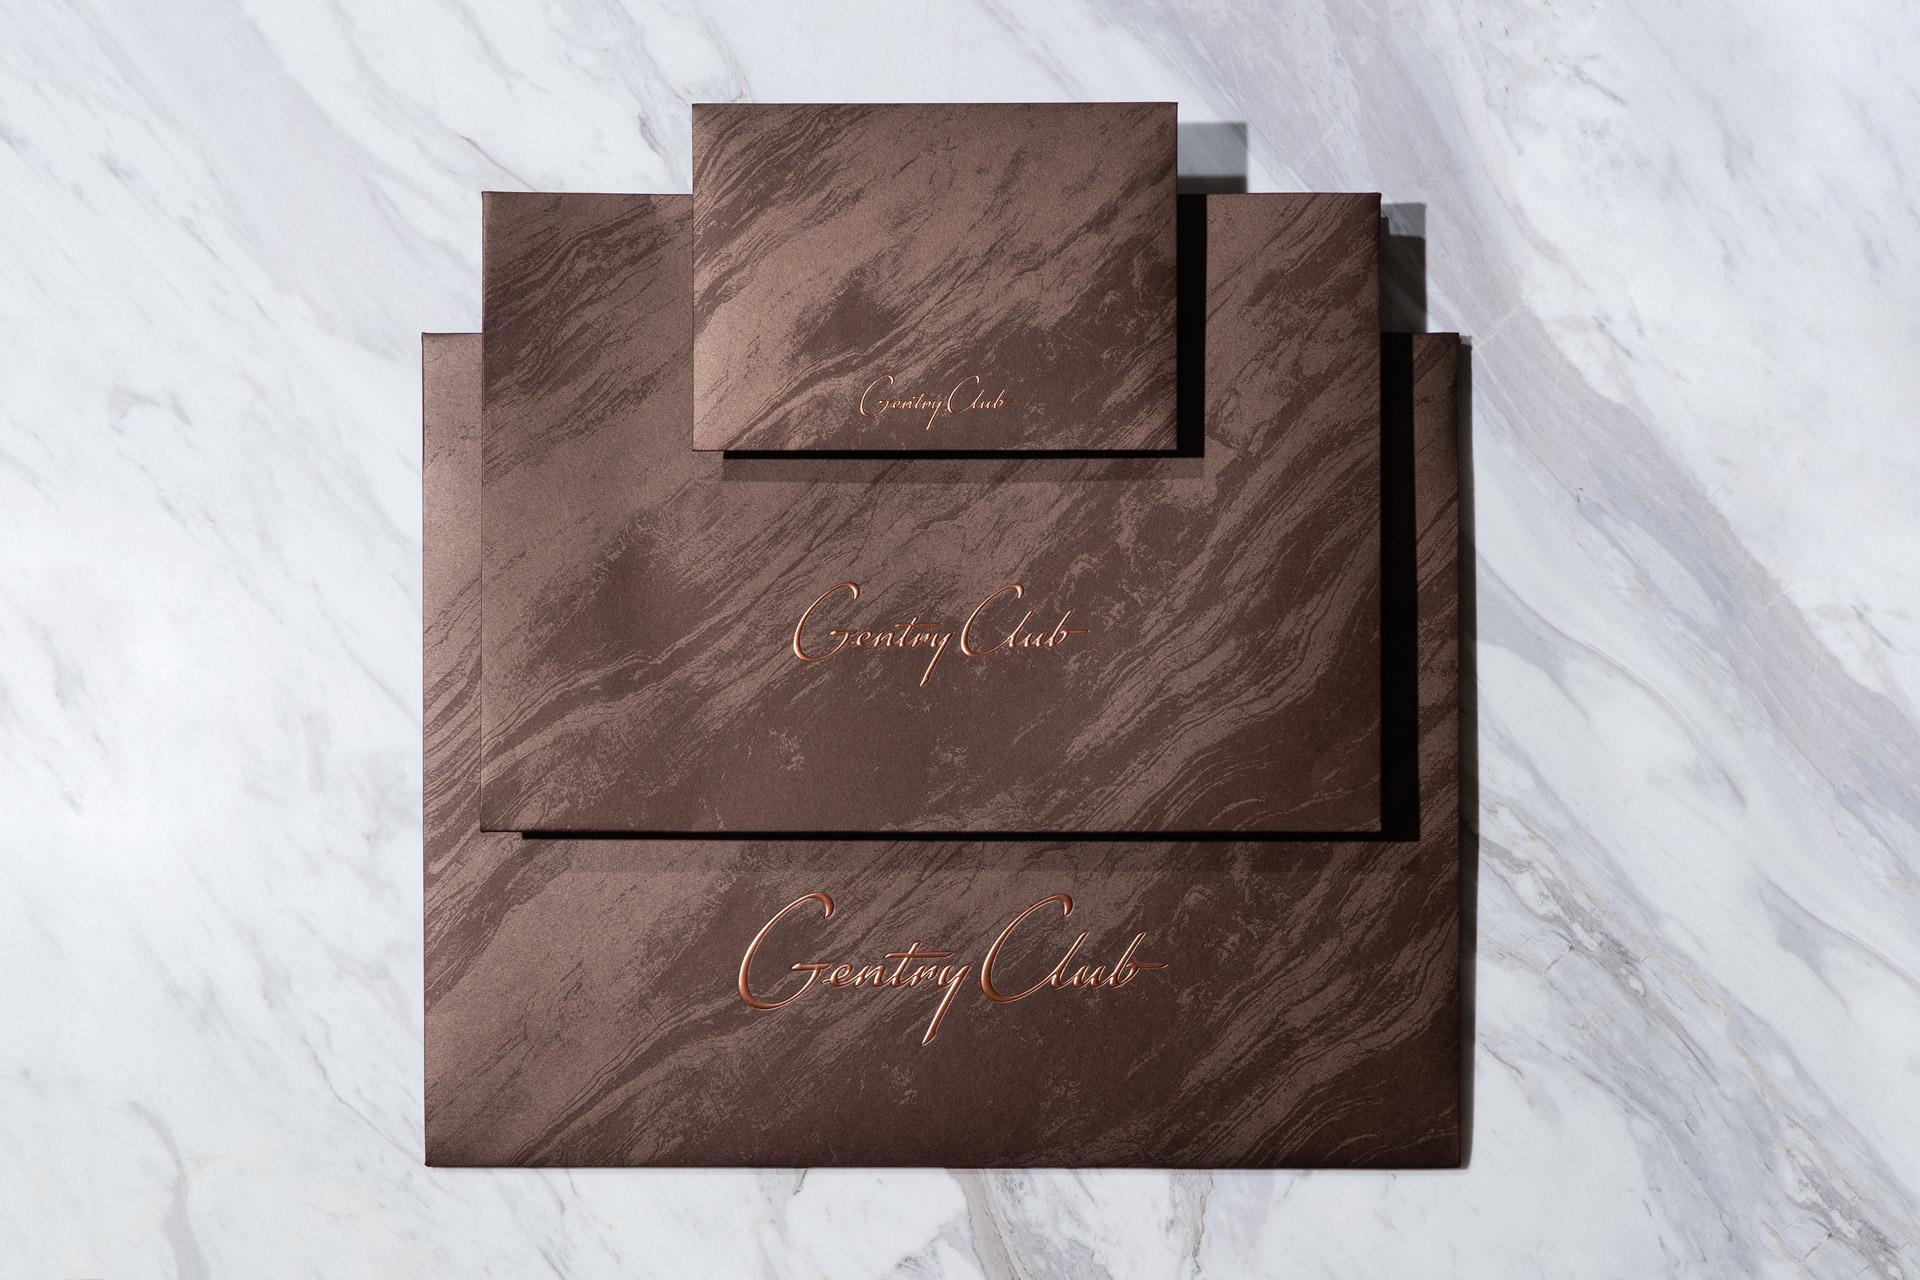 gentry-club_22